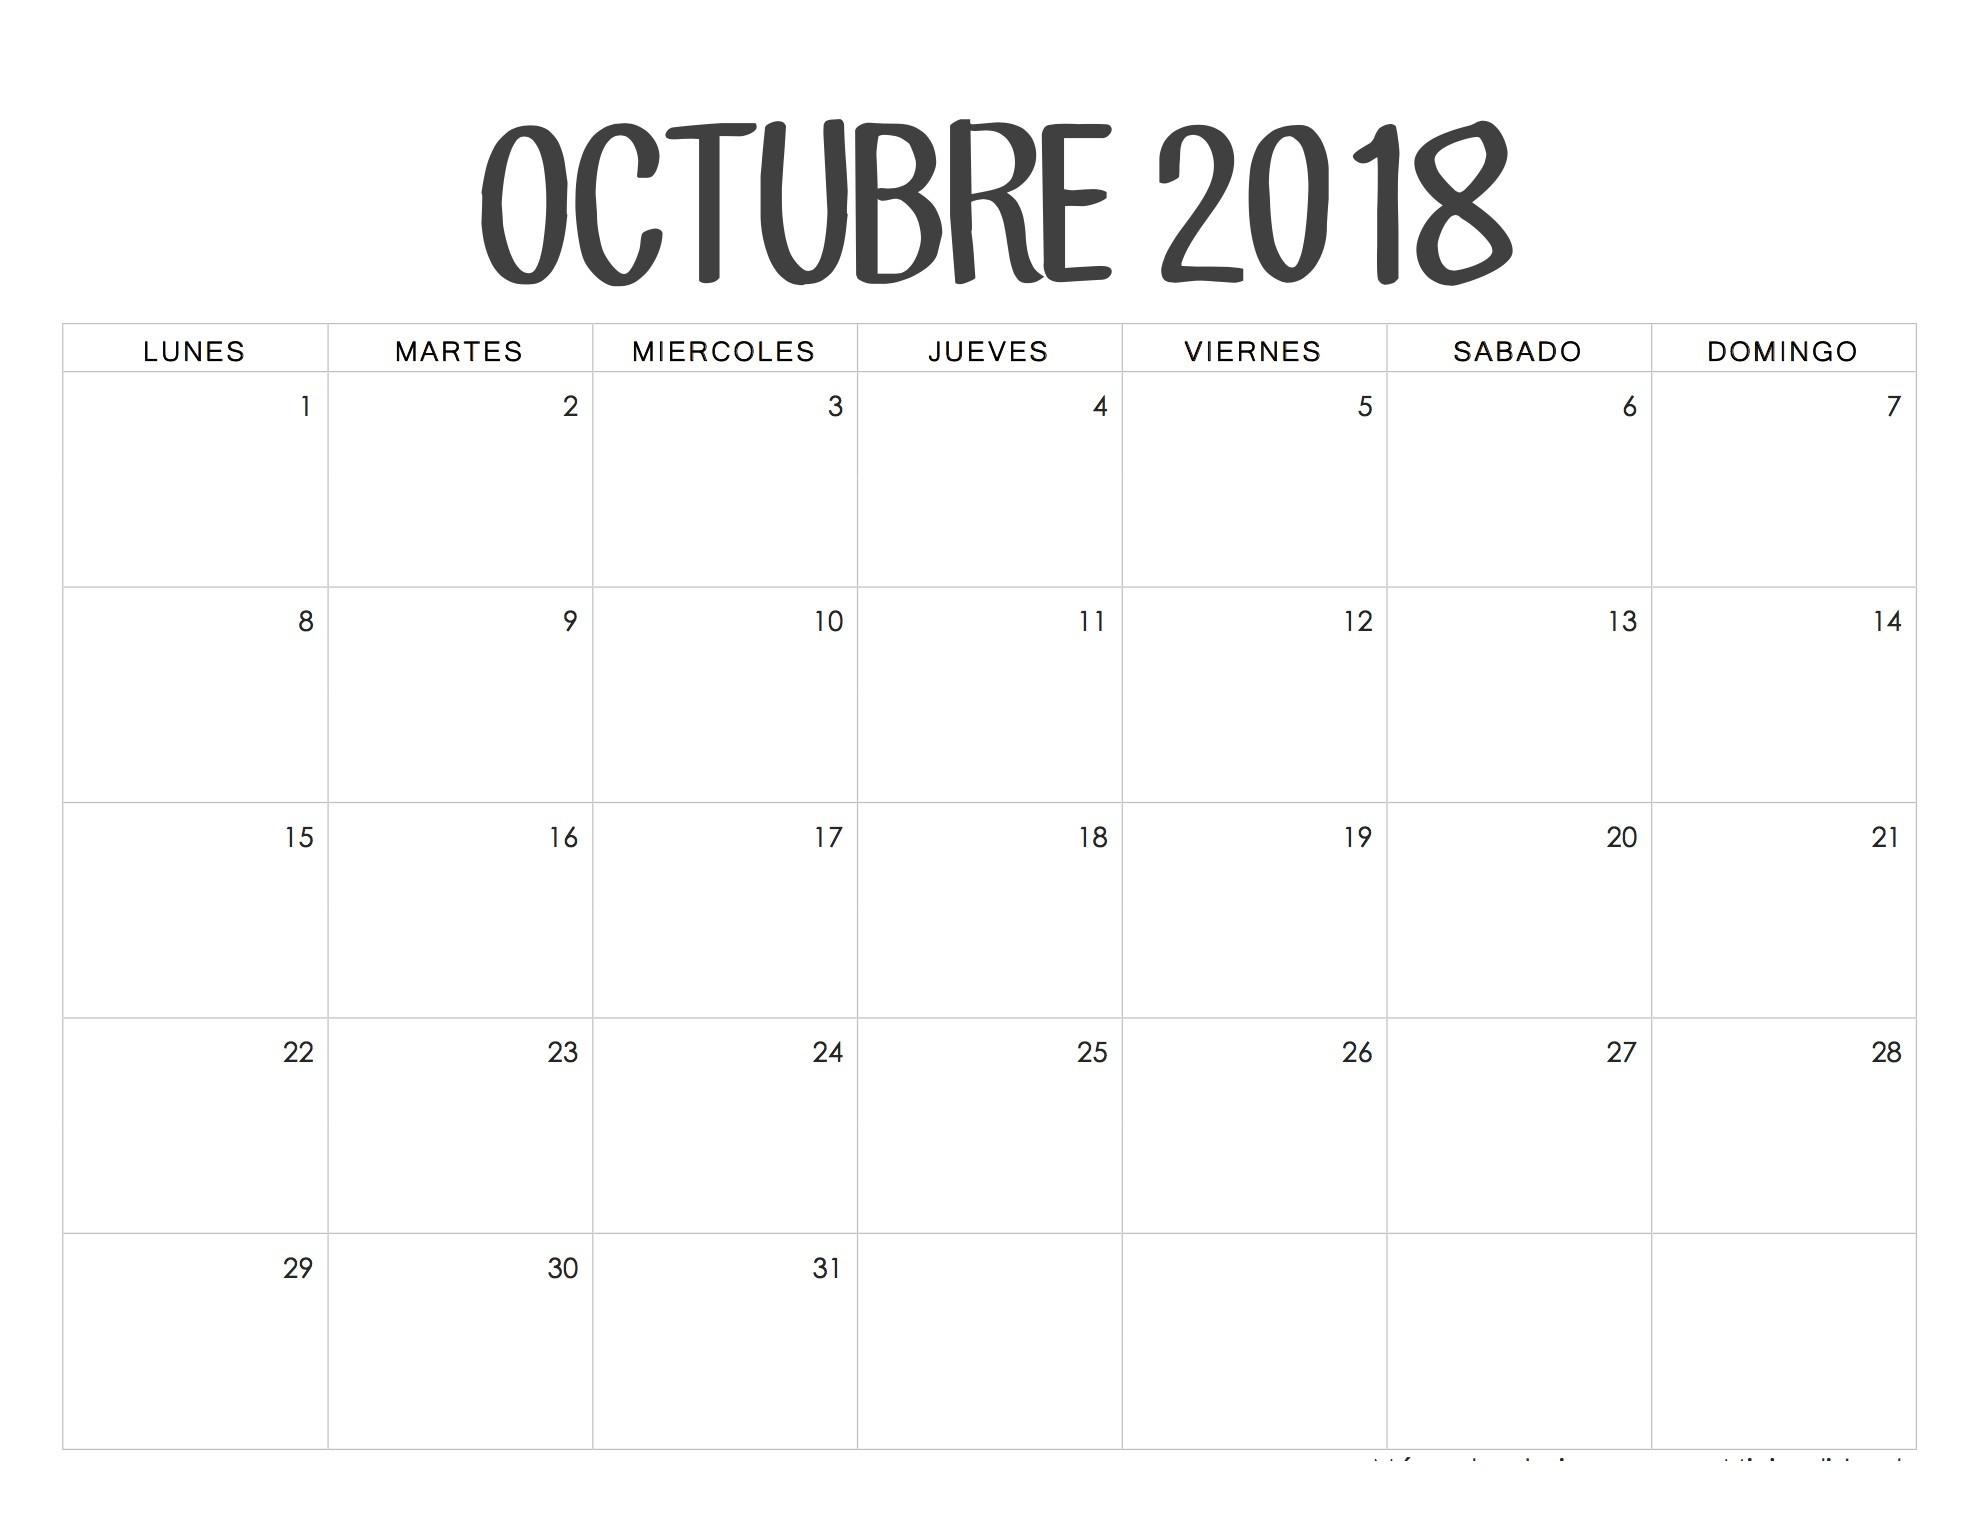 Calendario 2019 Enero Zbinden Mejores Y Más Novedosos Calendario Agosto De 2019 77ld Calendario Para Imprimir Of Calendario 2019 Enero Zbinden Mejores Y Más Novedosos 2019 Portugal Calendario Feriados Excel